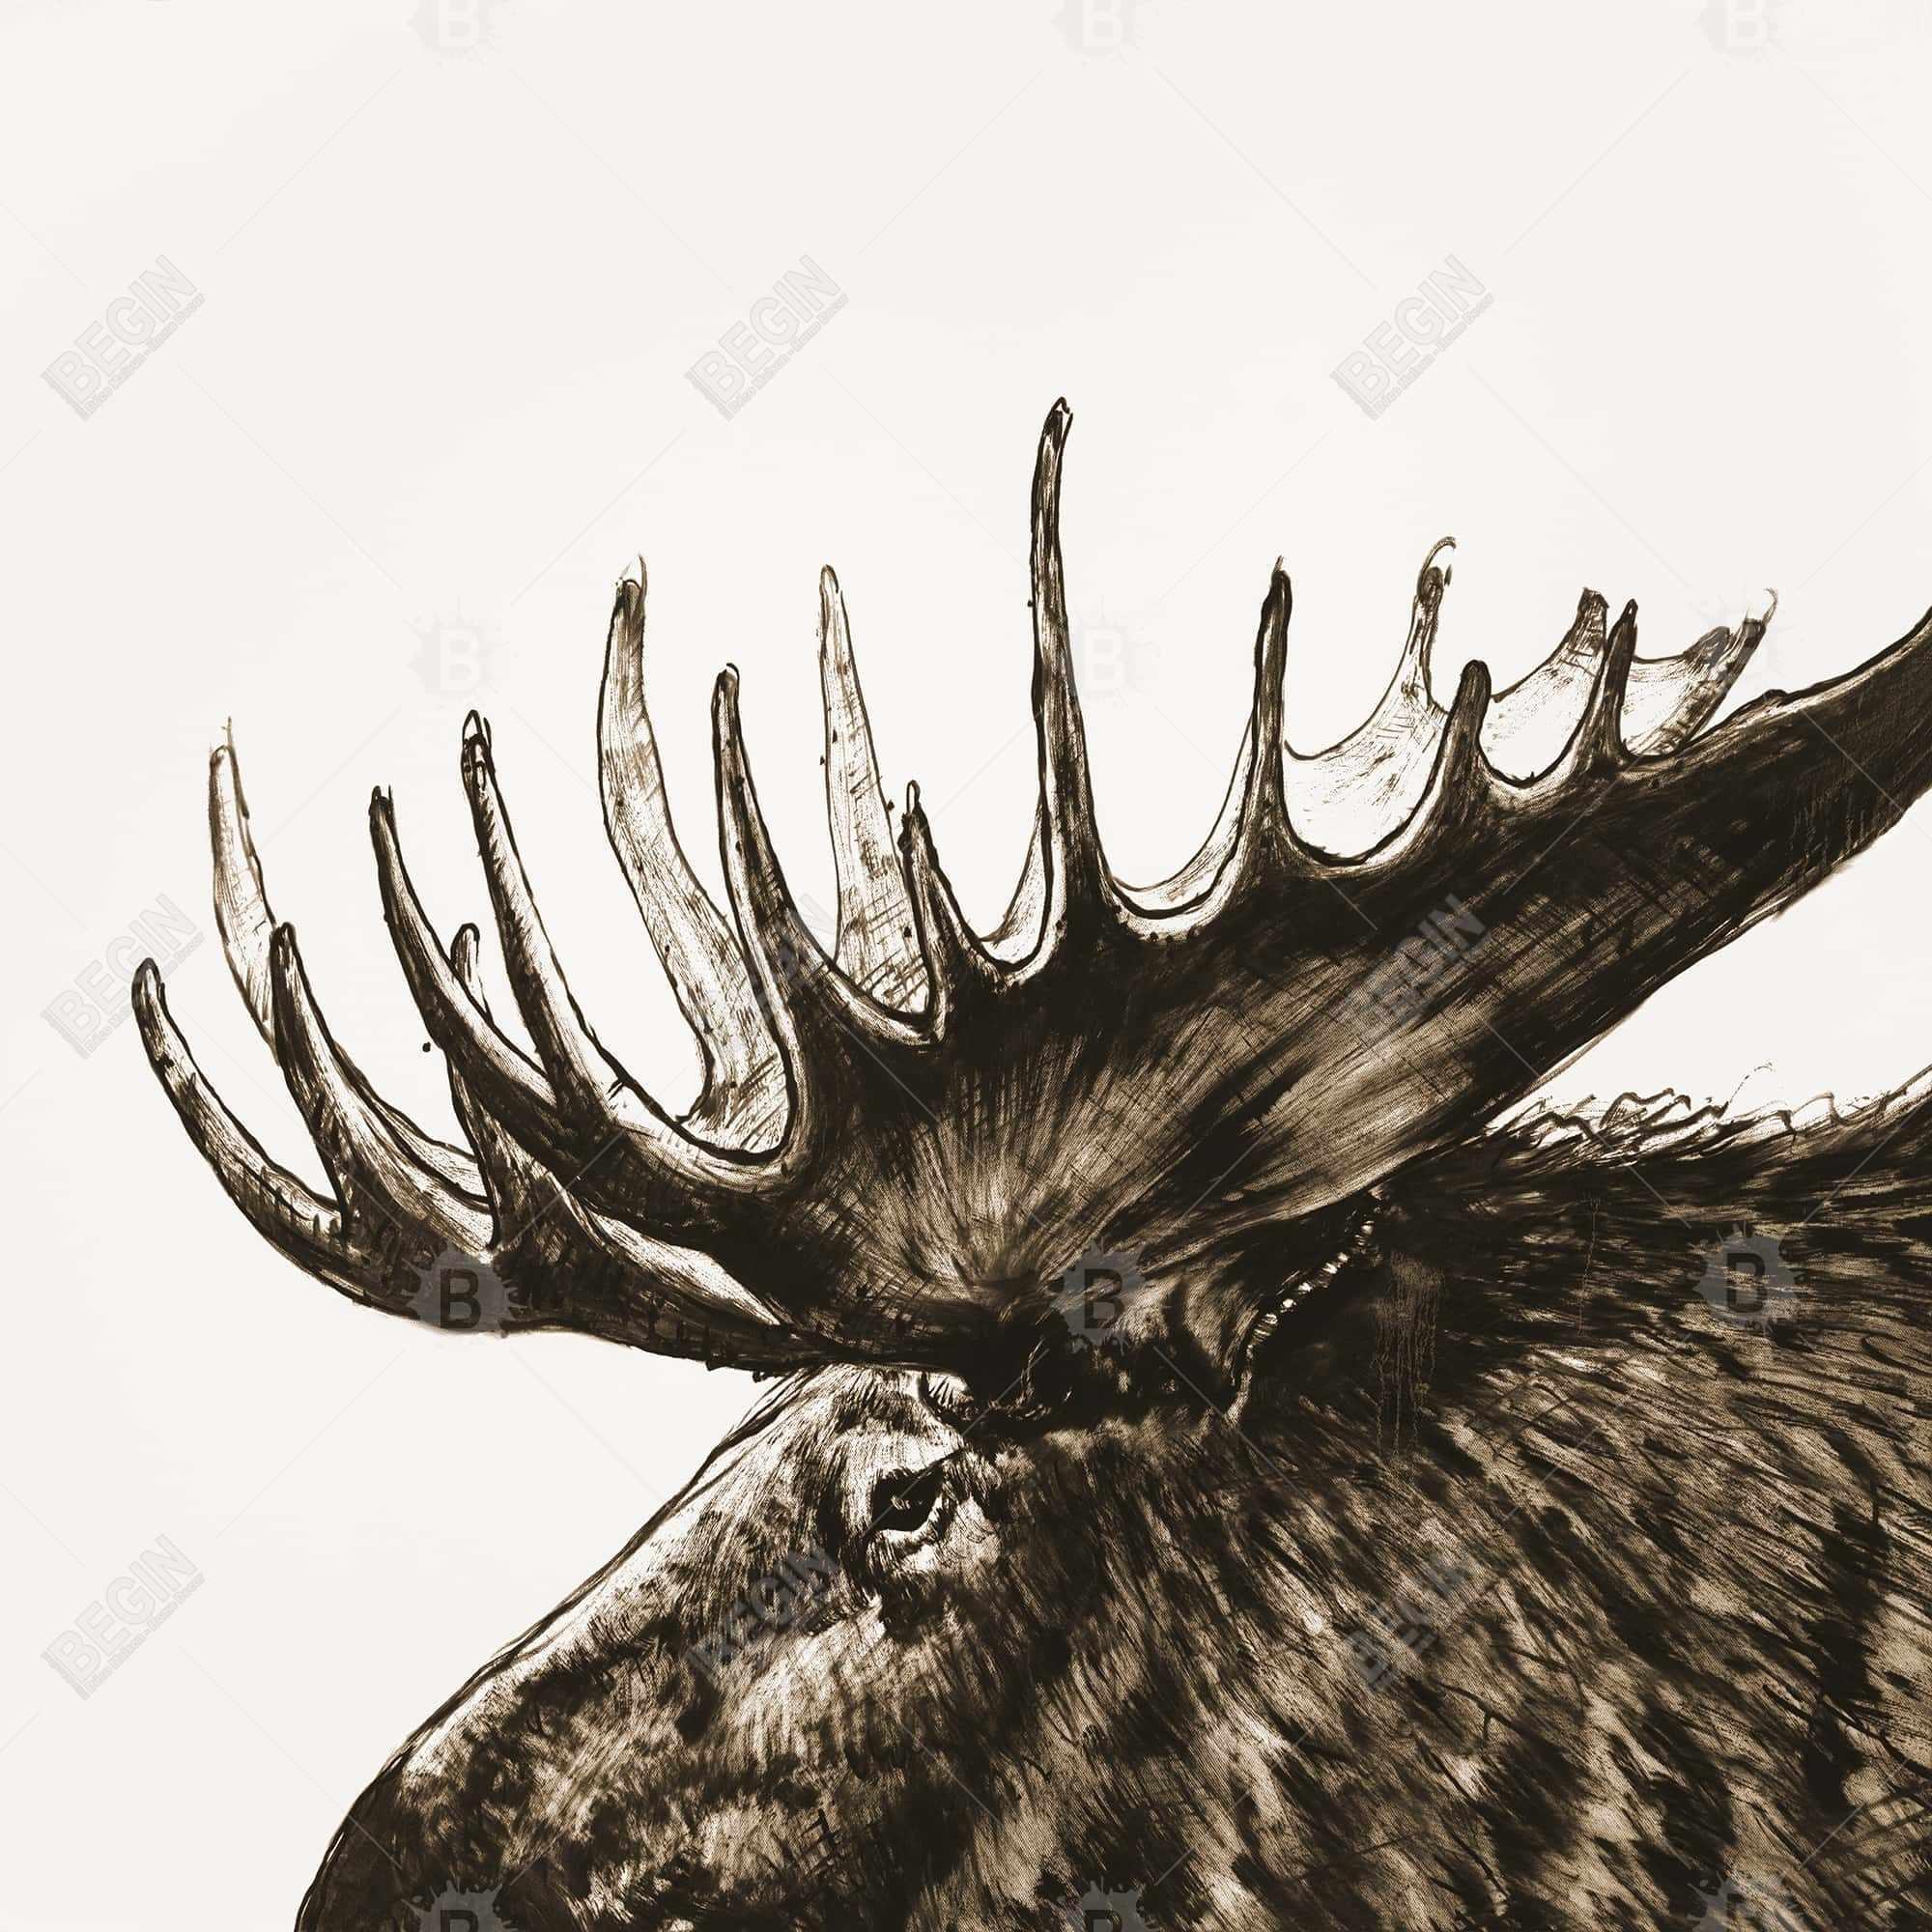 Moose plume sepia